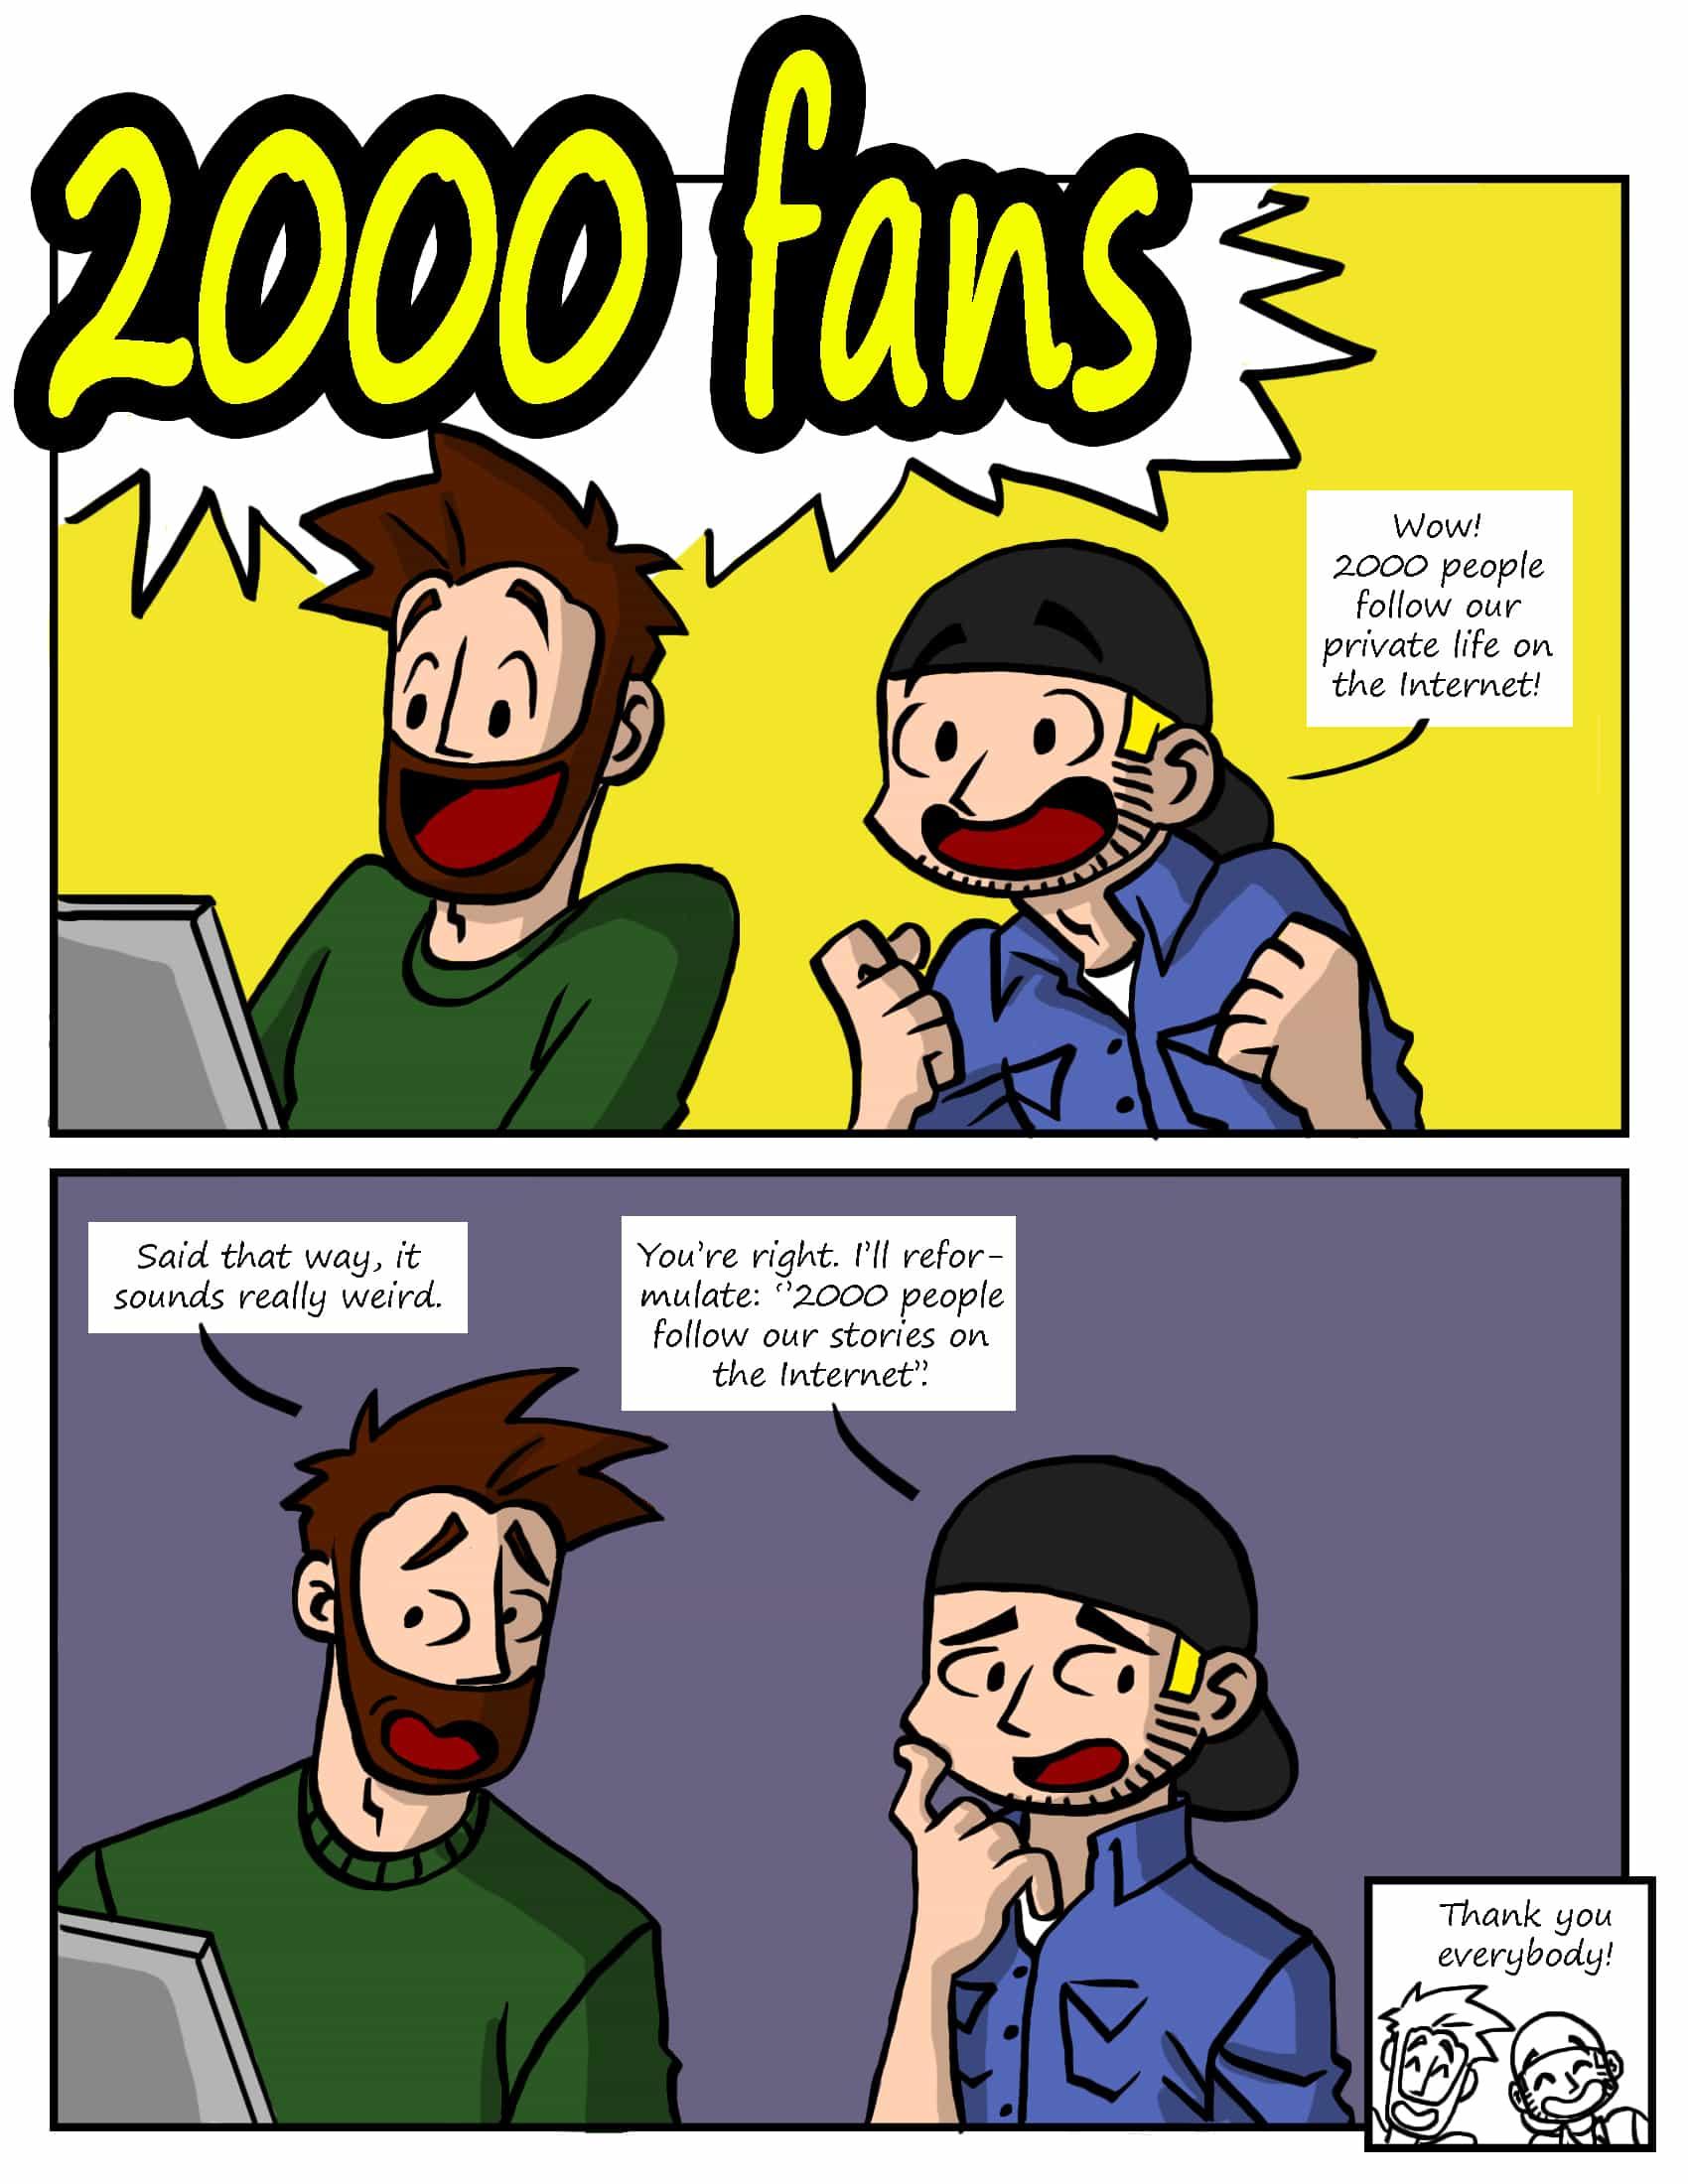 Promo - 2000 fans